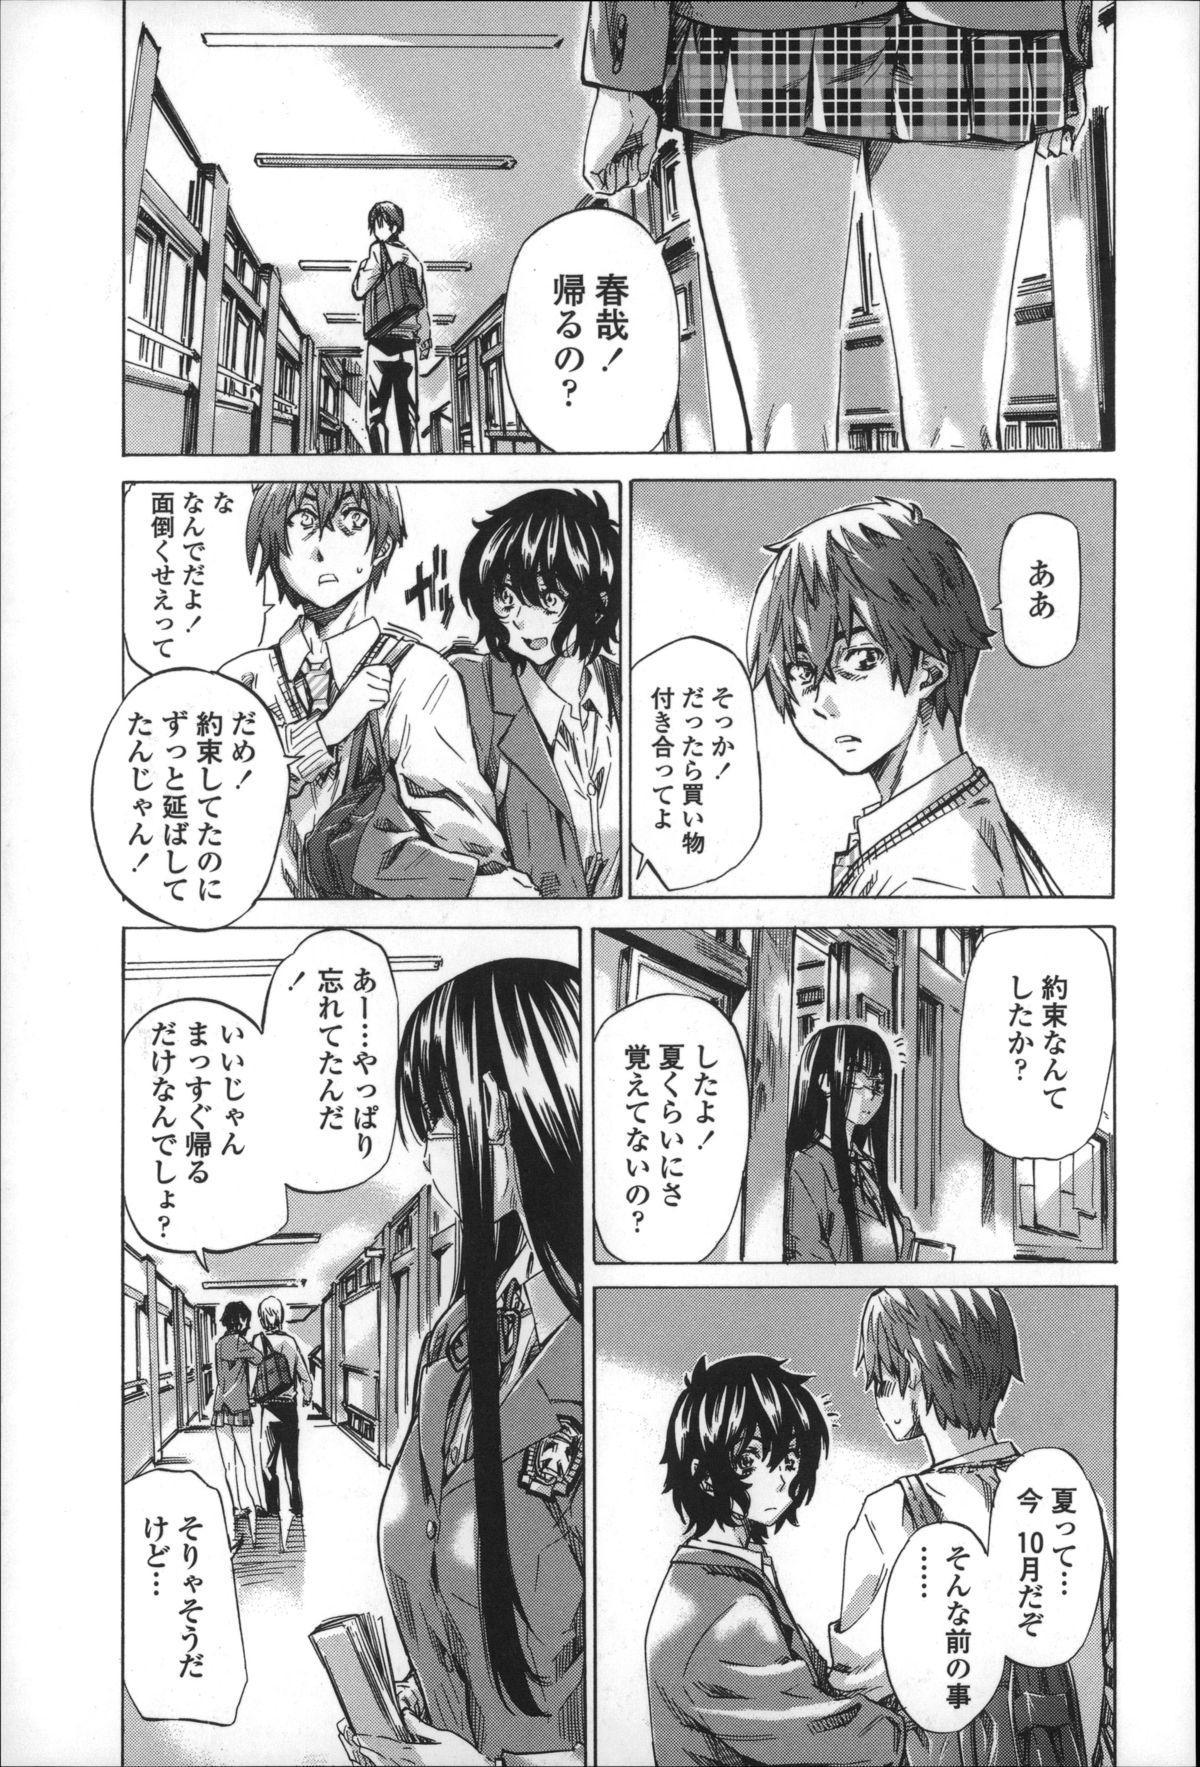 Choushin de Mukuchi no Kanojo ga Hatsujou Shite Kitara Eroiyo ne? 154